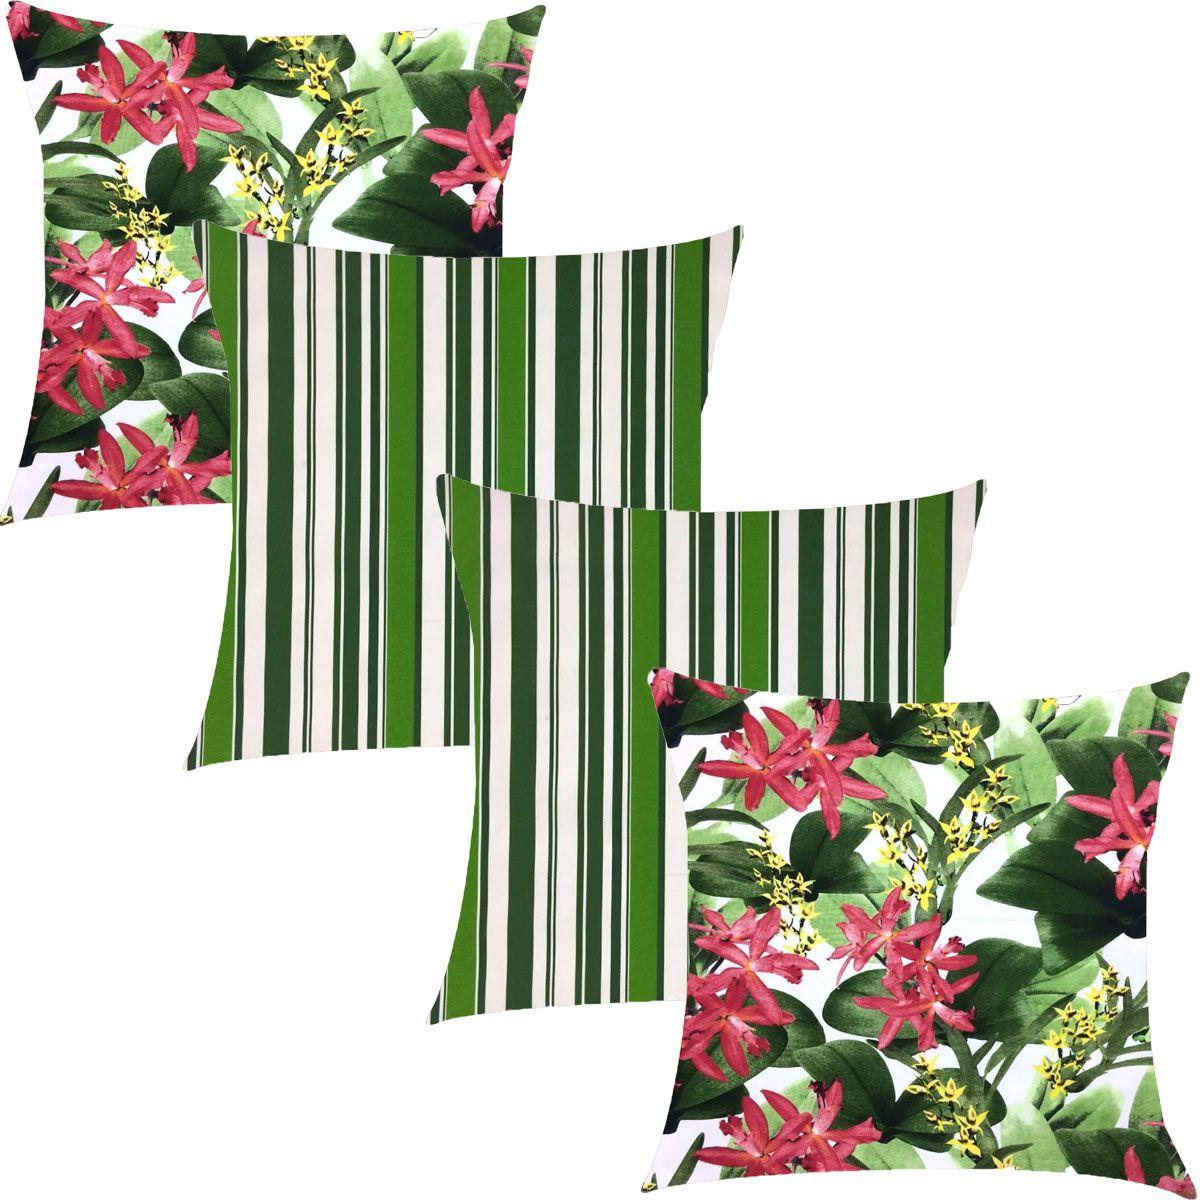 Kit 4 Capas de Almofadas Composê Juriti Floral com Listrado Verde 45x45cm